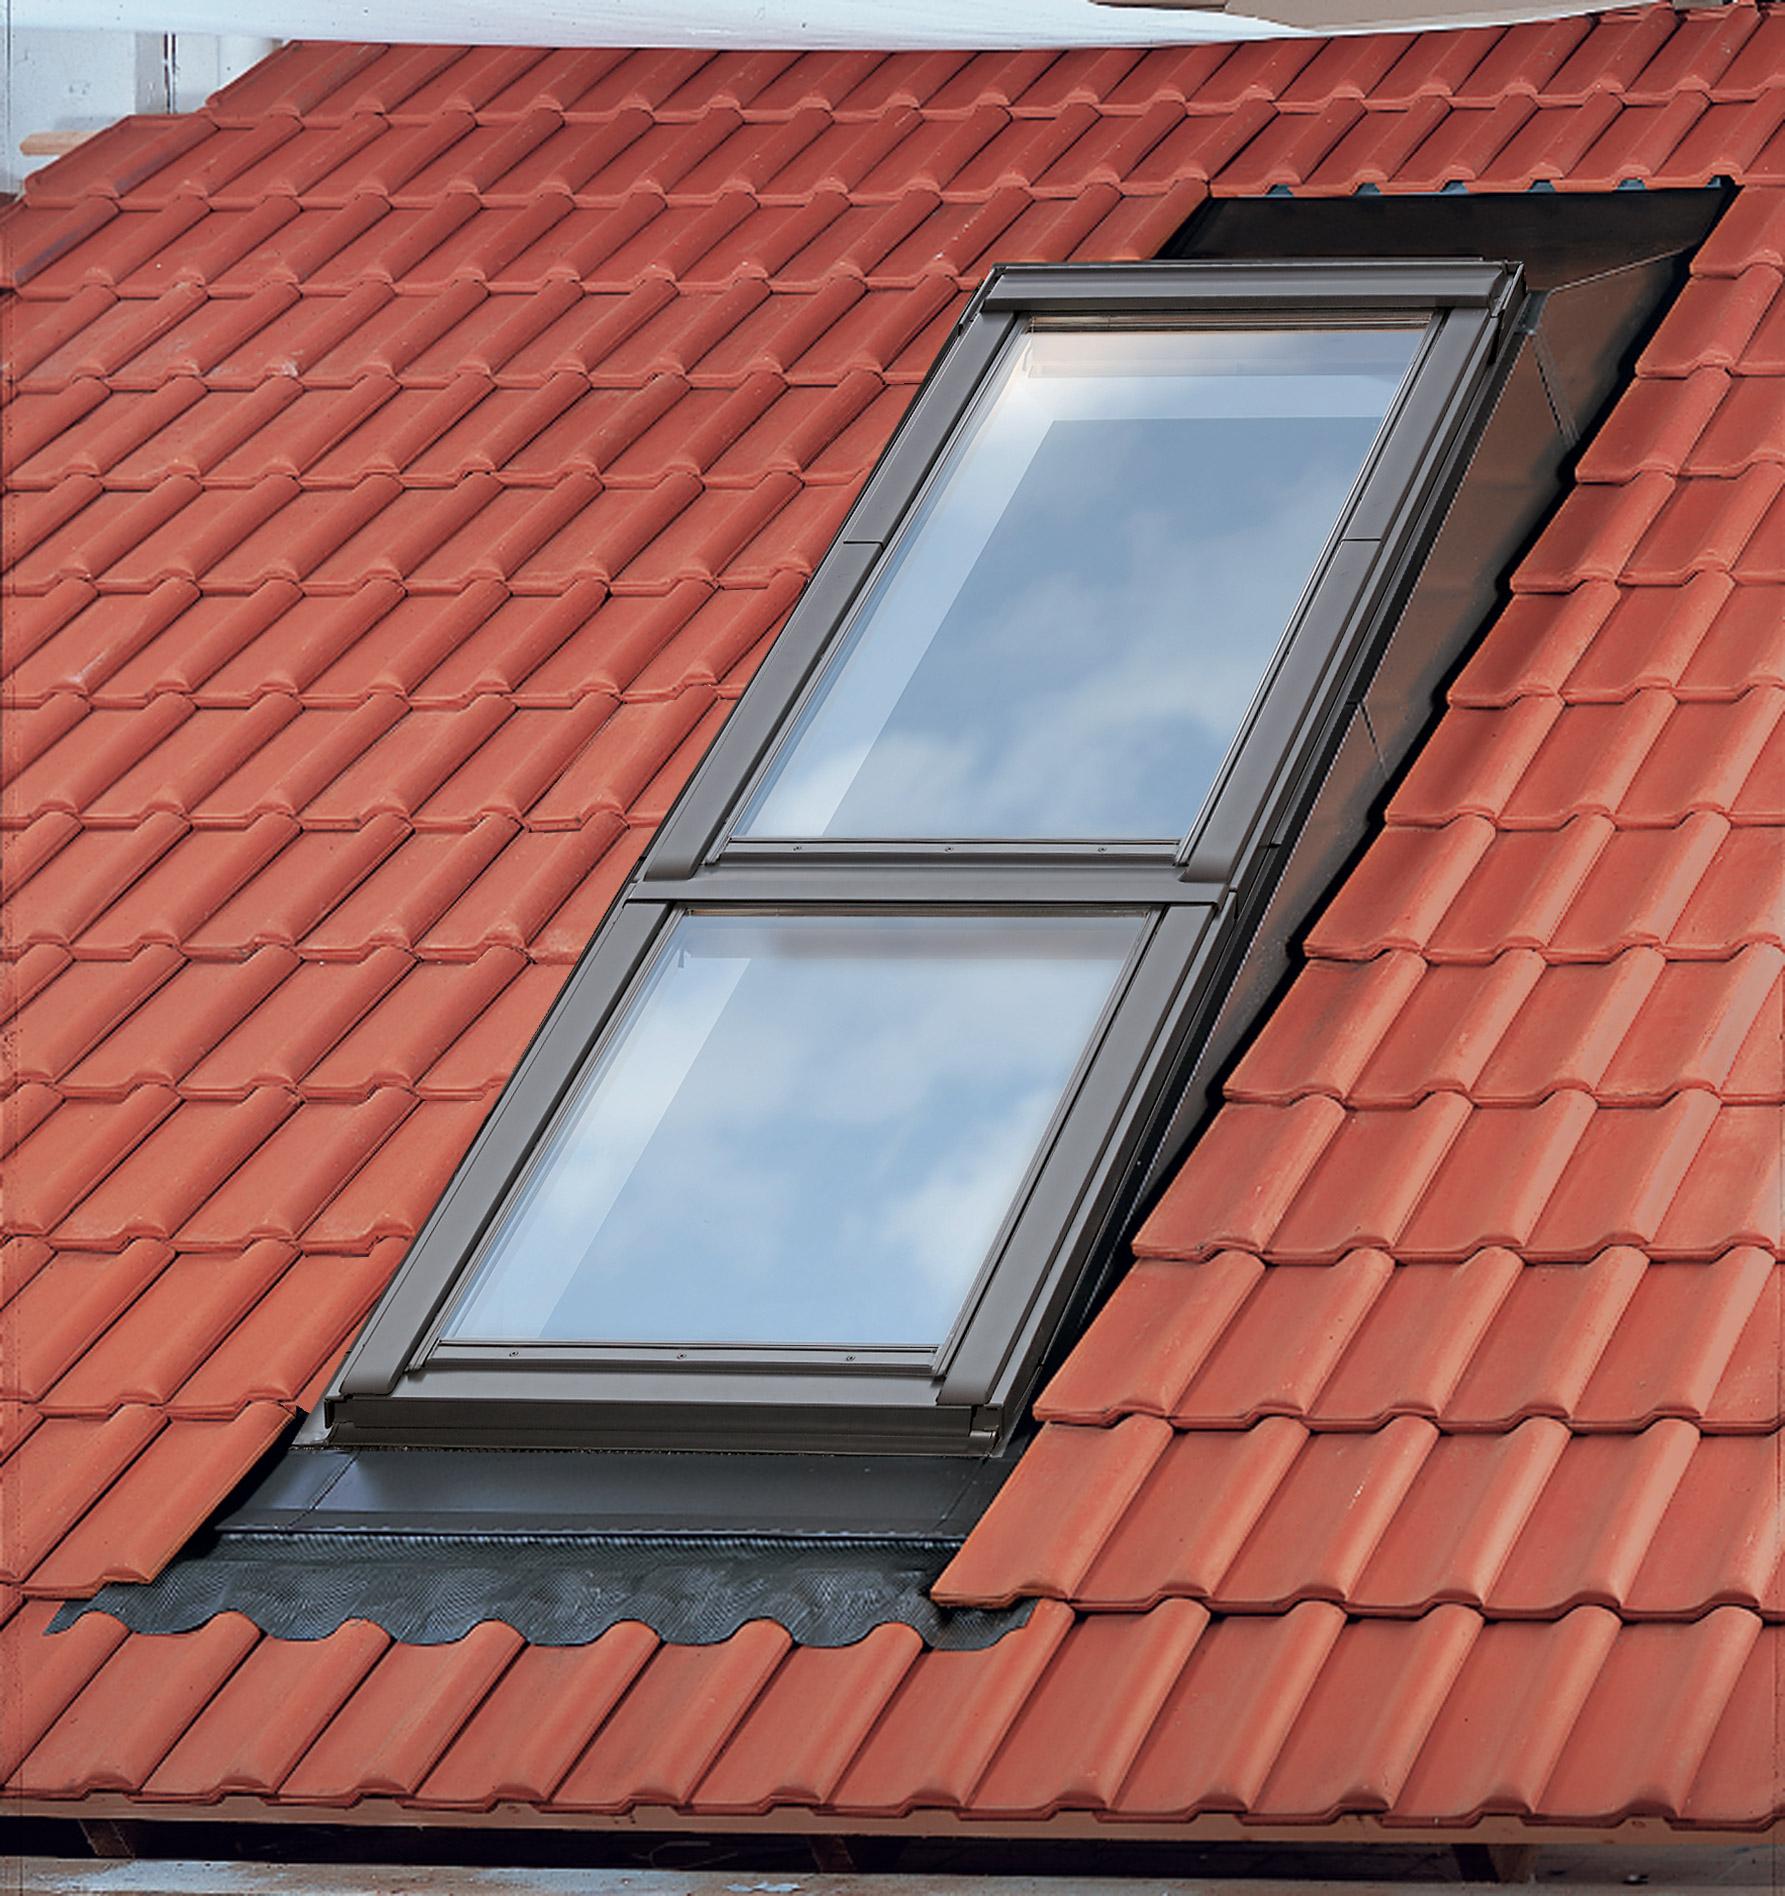 Full Size of Velux Fenster Kaufen Dachfenster Gaube Velubiermann Holzbau Hannover Austauschen Kosten Erneuern Küche Günstig Gardinen Reinigen Mit Elektrogeräten De Rc3 Fenster Velux Fenster Kaufen